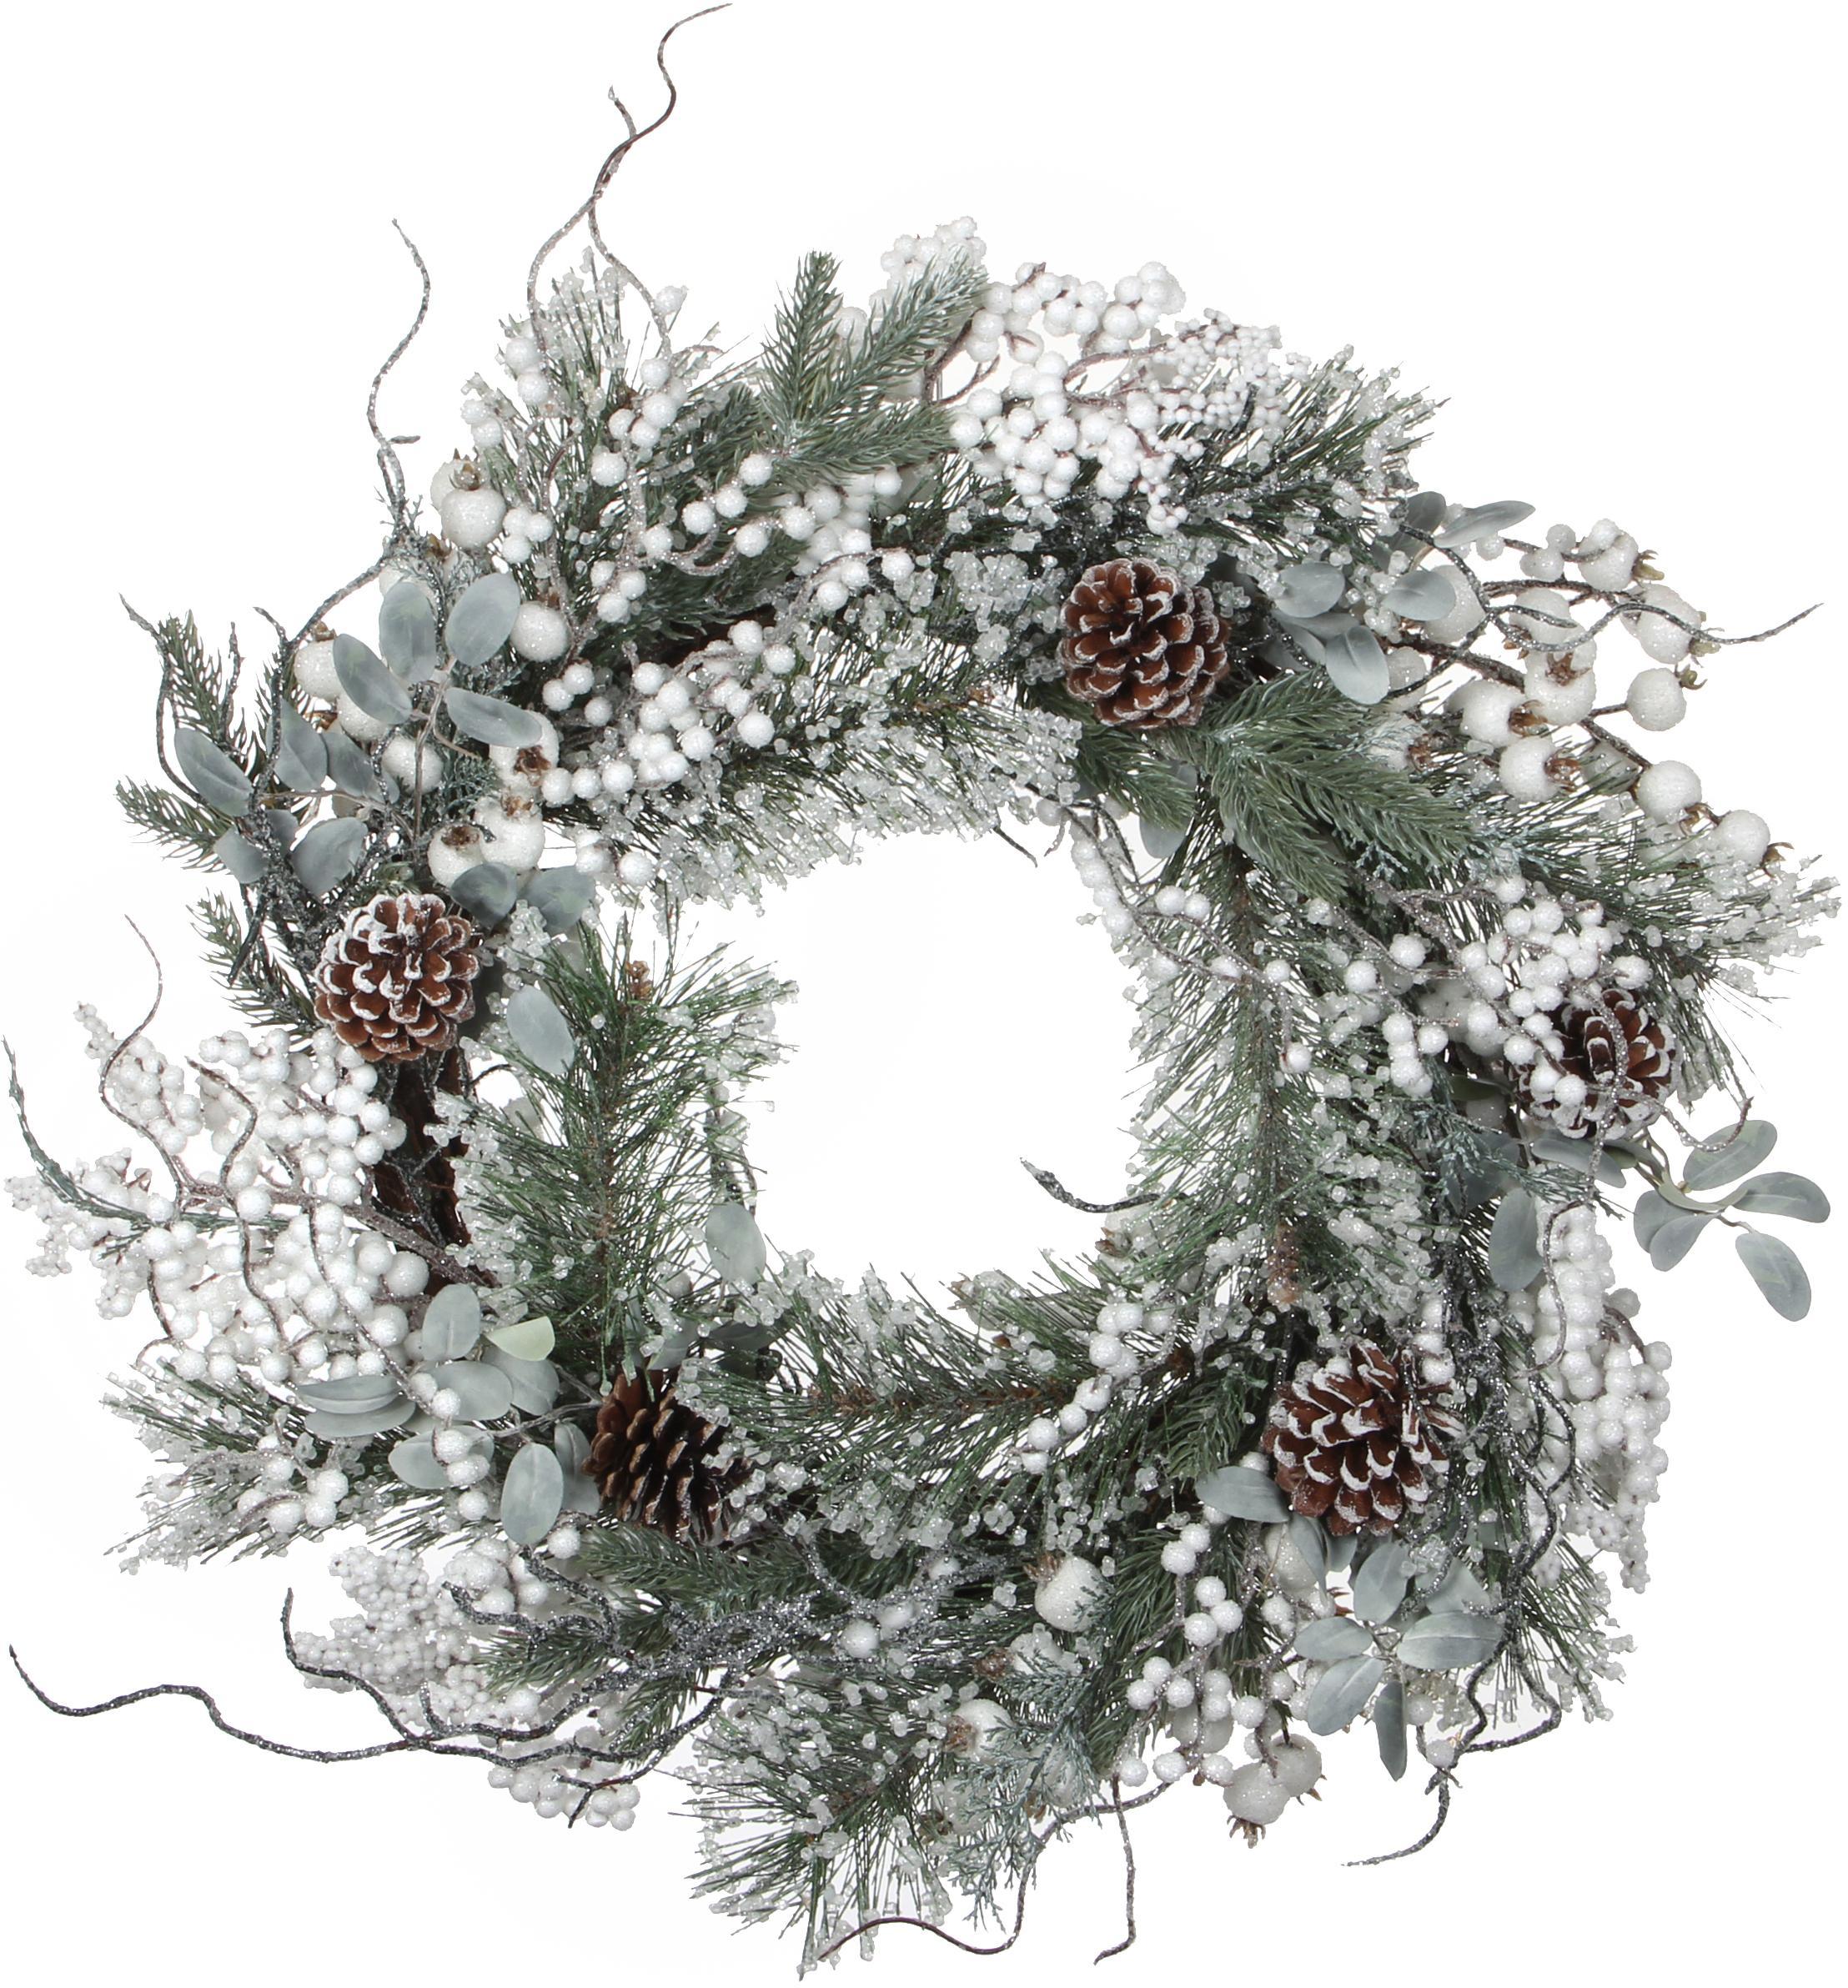 Decoratieve kerstkrans Hardy, Kunststof, Groen, wit, zilverkleurig, Ø 50 cm